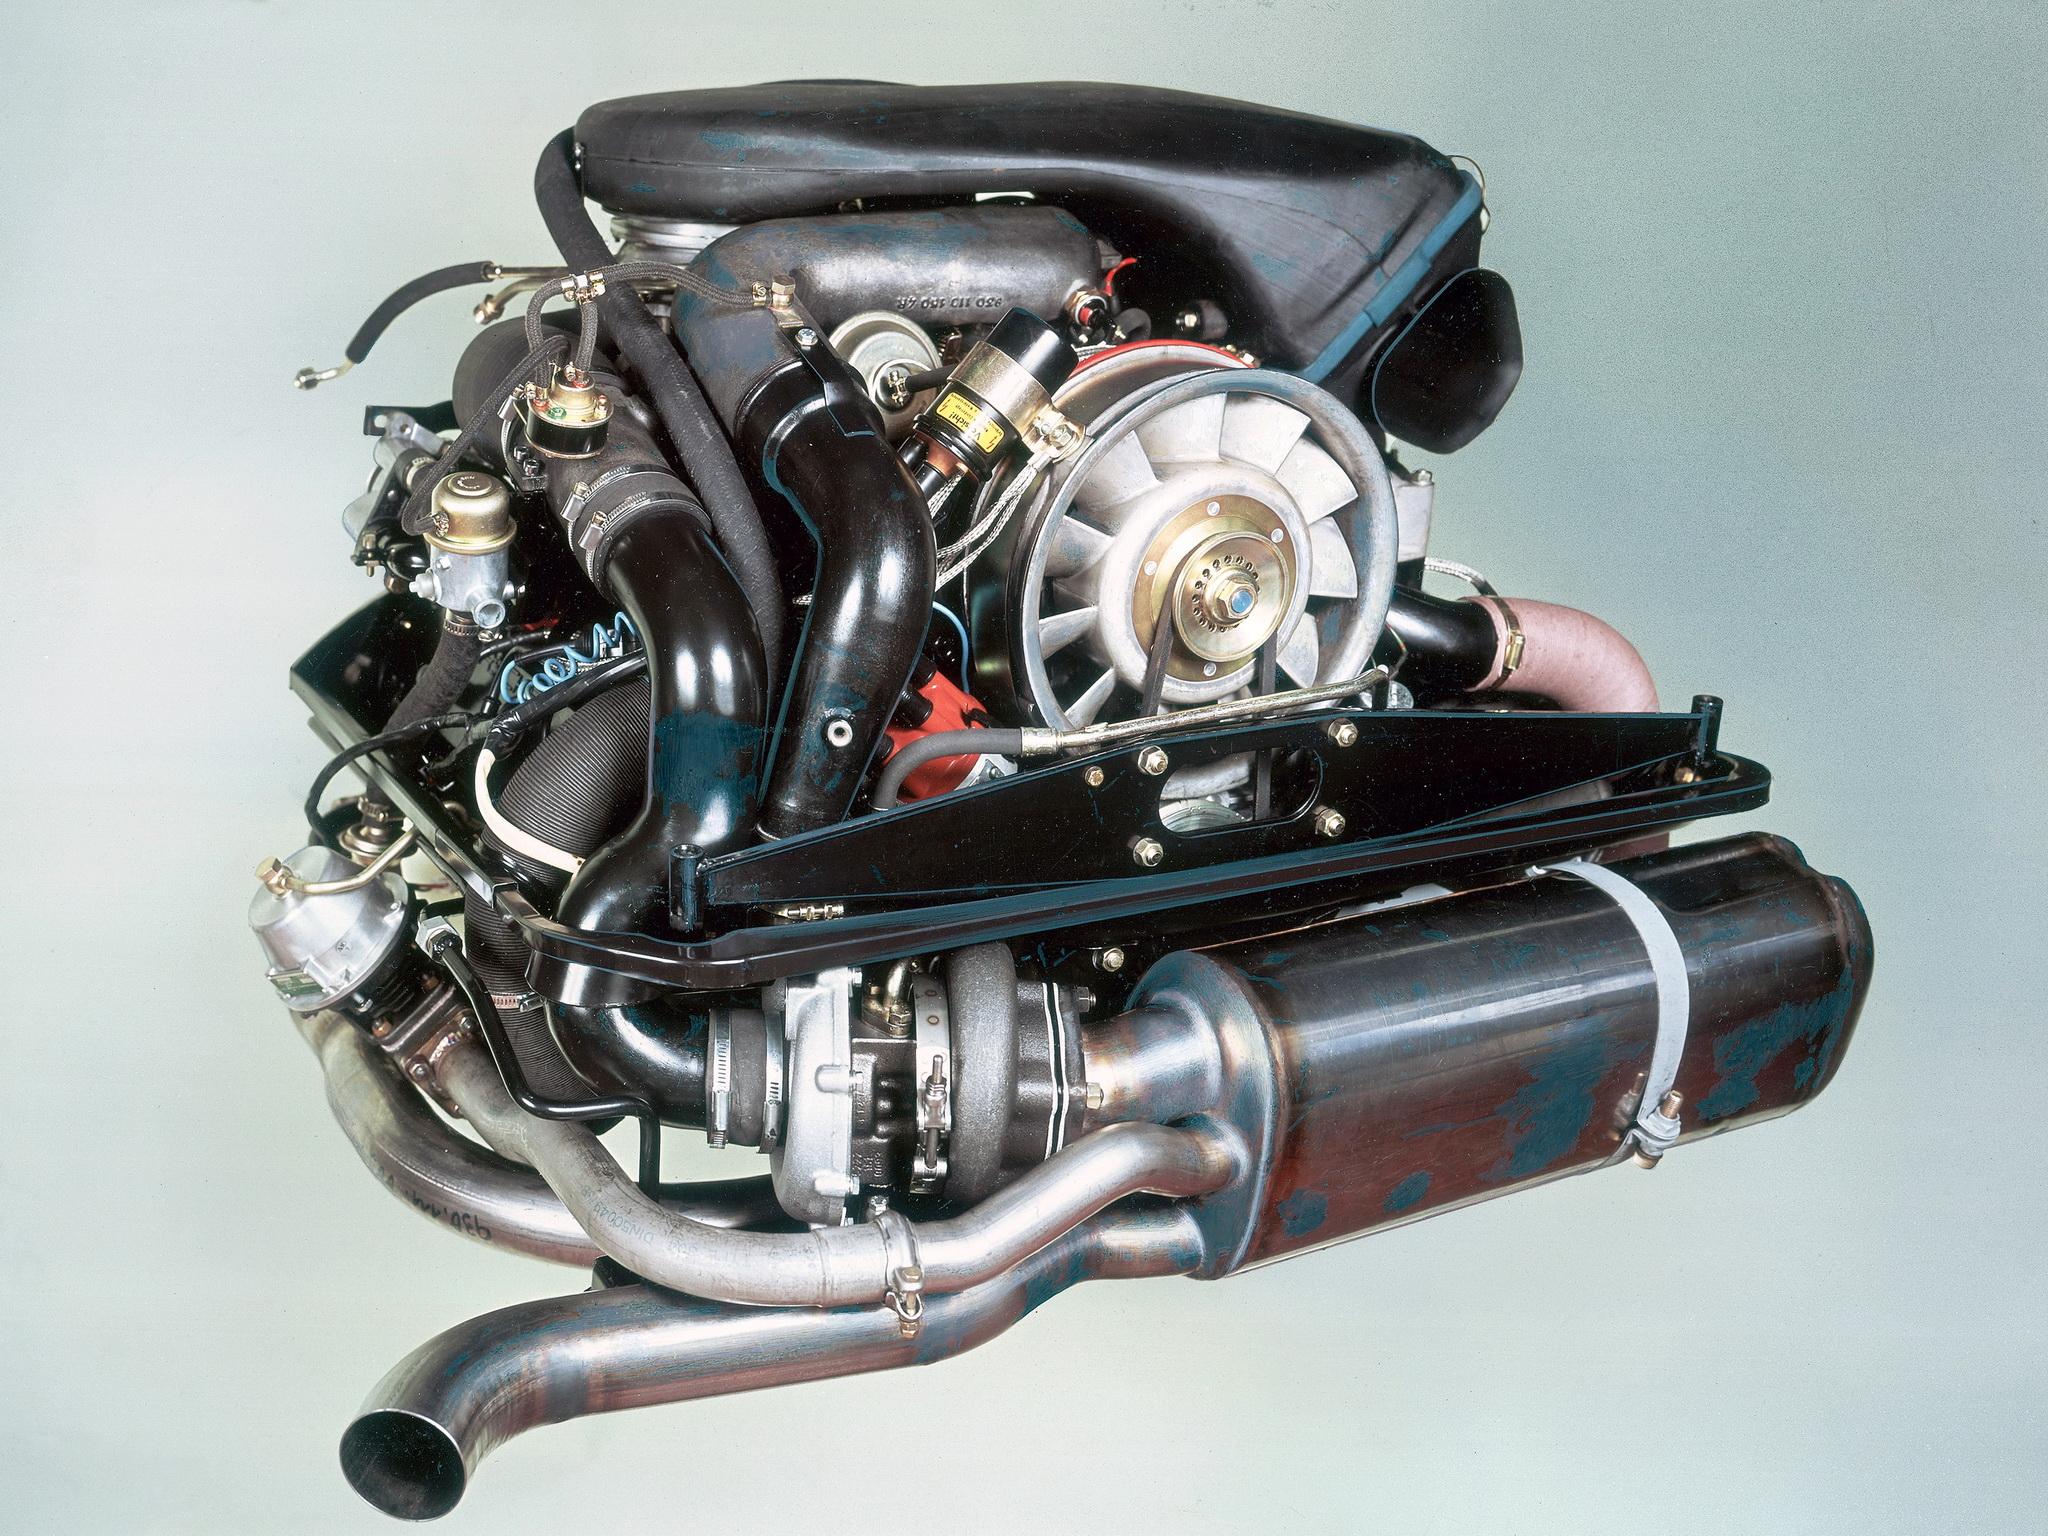 Engine porsche 930 51 930 53 930 54 wallpaper 2048x1536 132033 wallpaperup - Porsche engine wallpaper ...